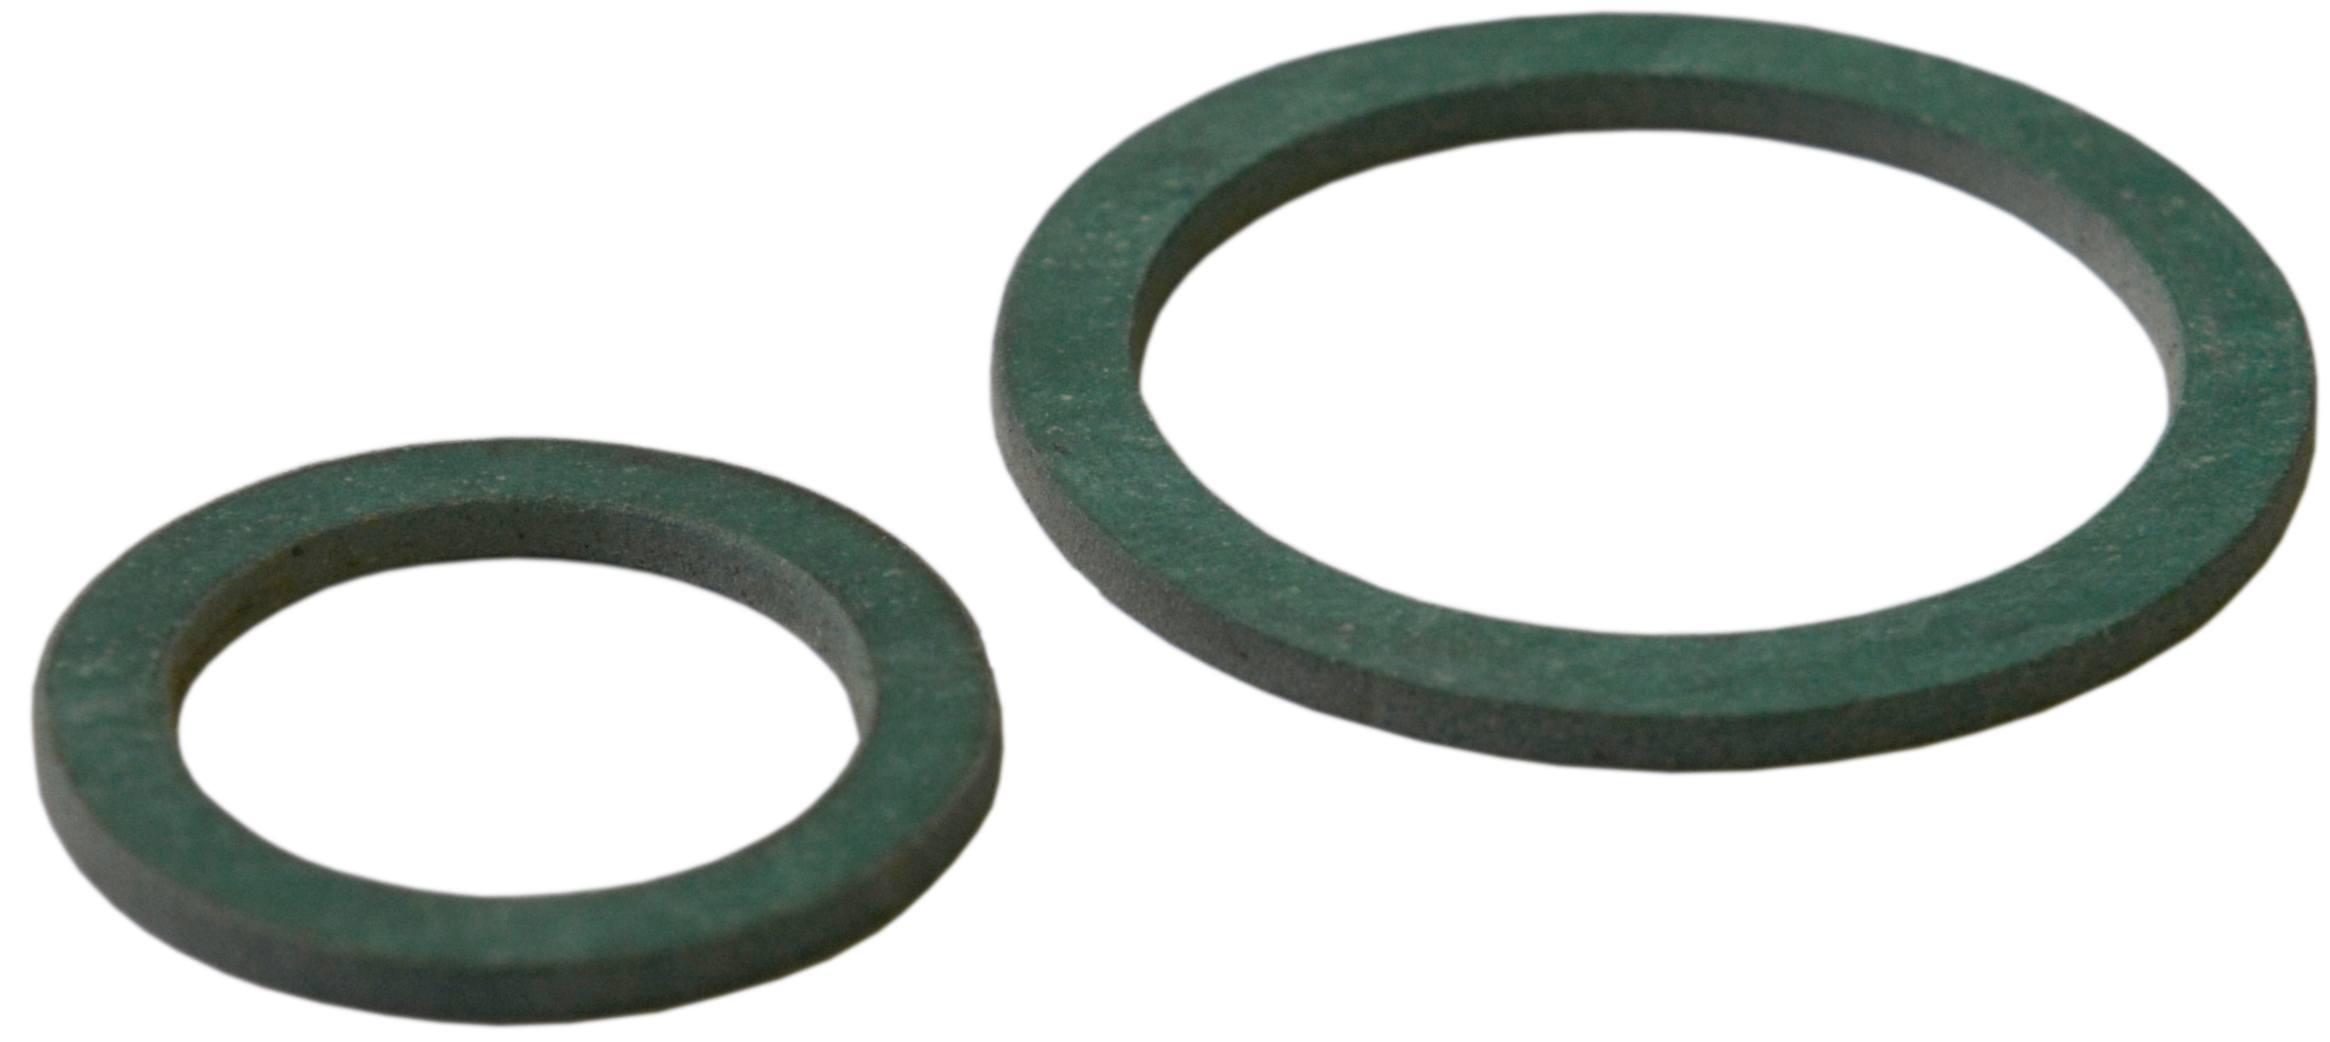 Прокладка Ду-200 Ру10-40 безасбестовая паранитовая